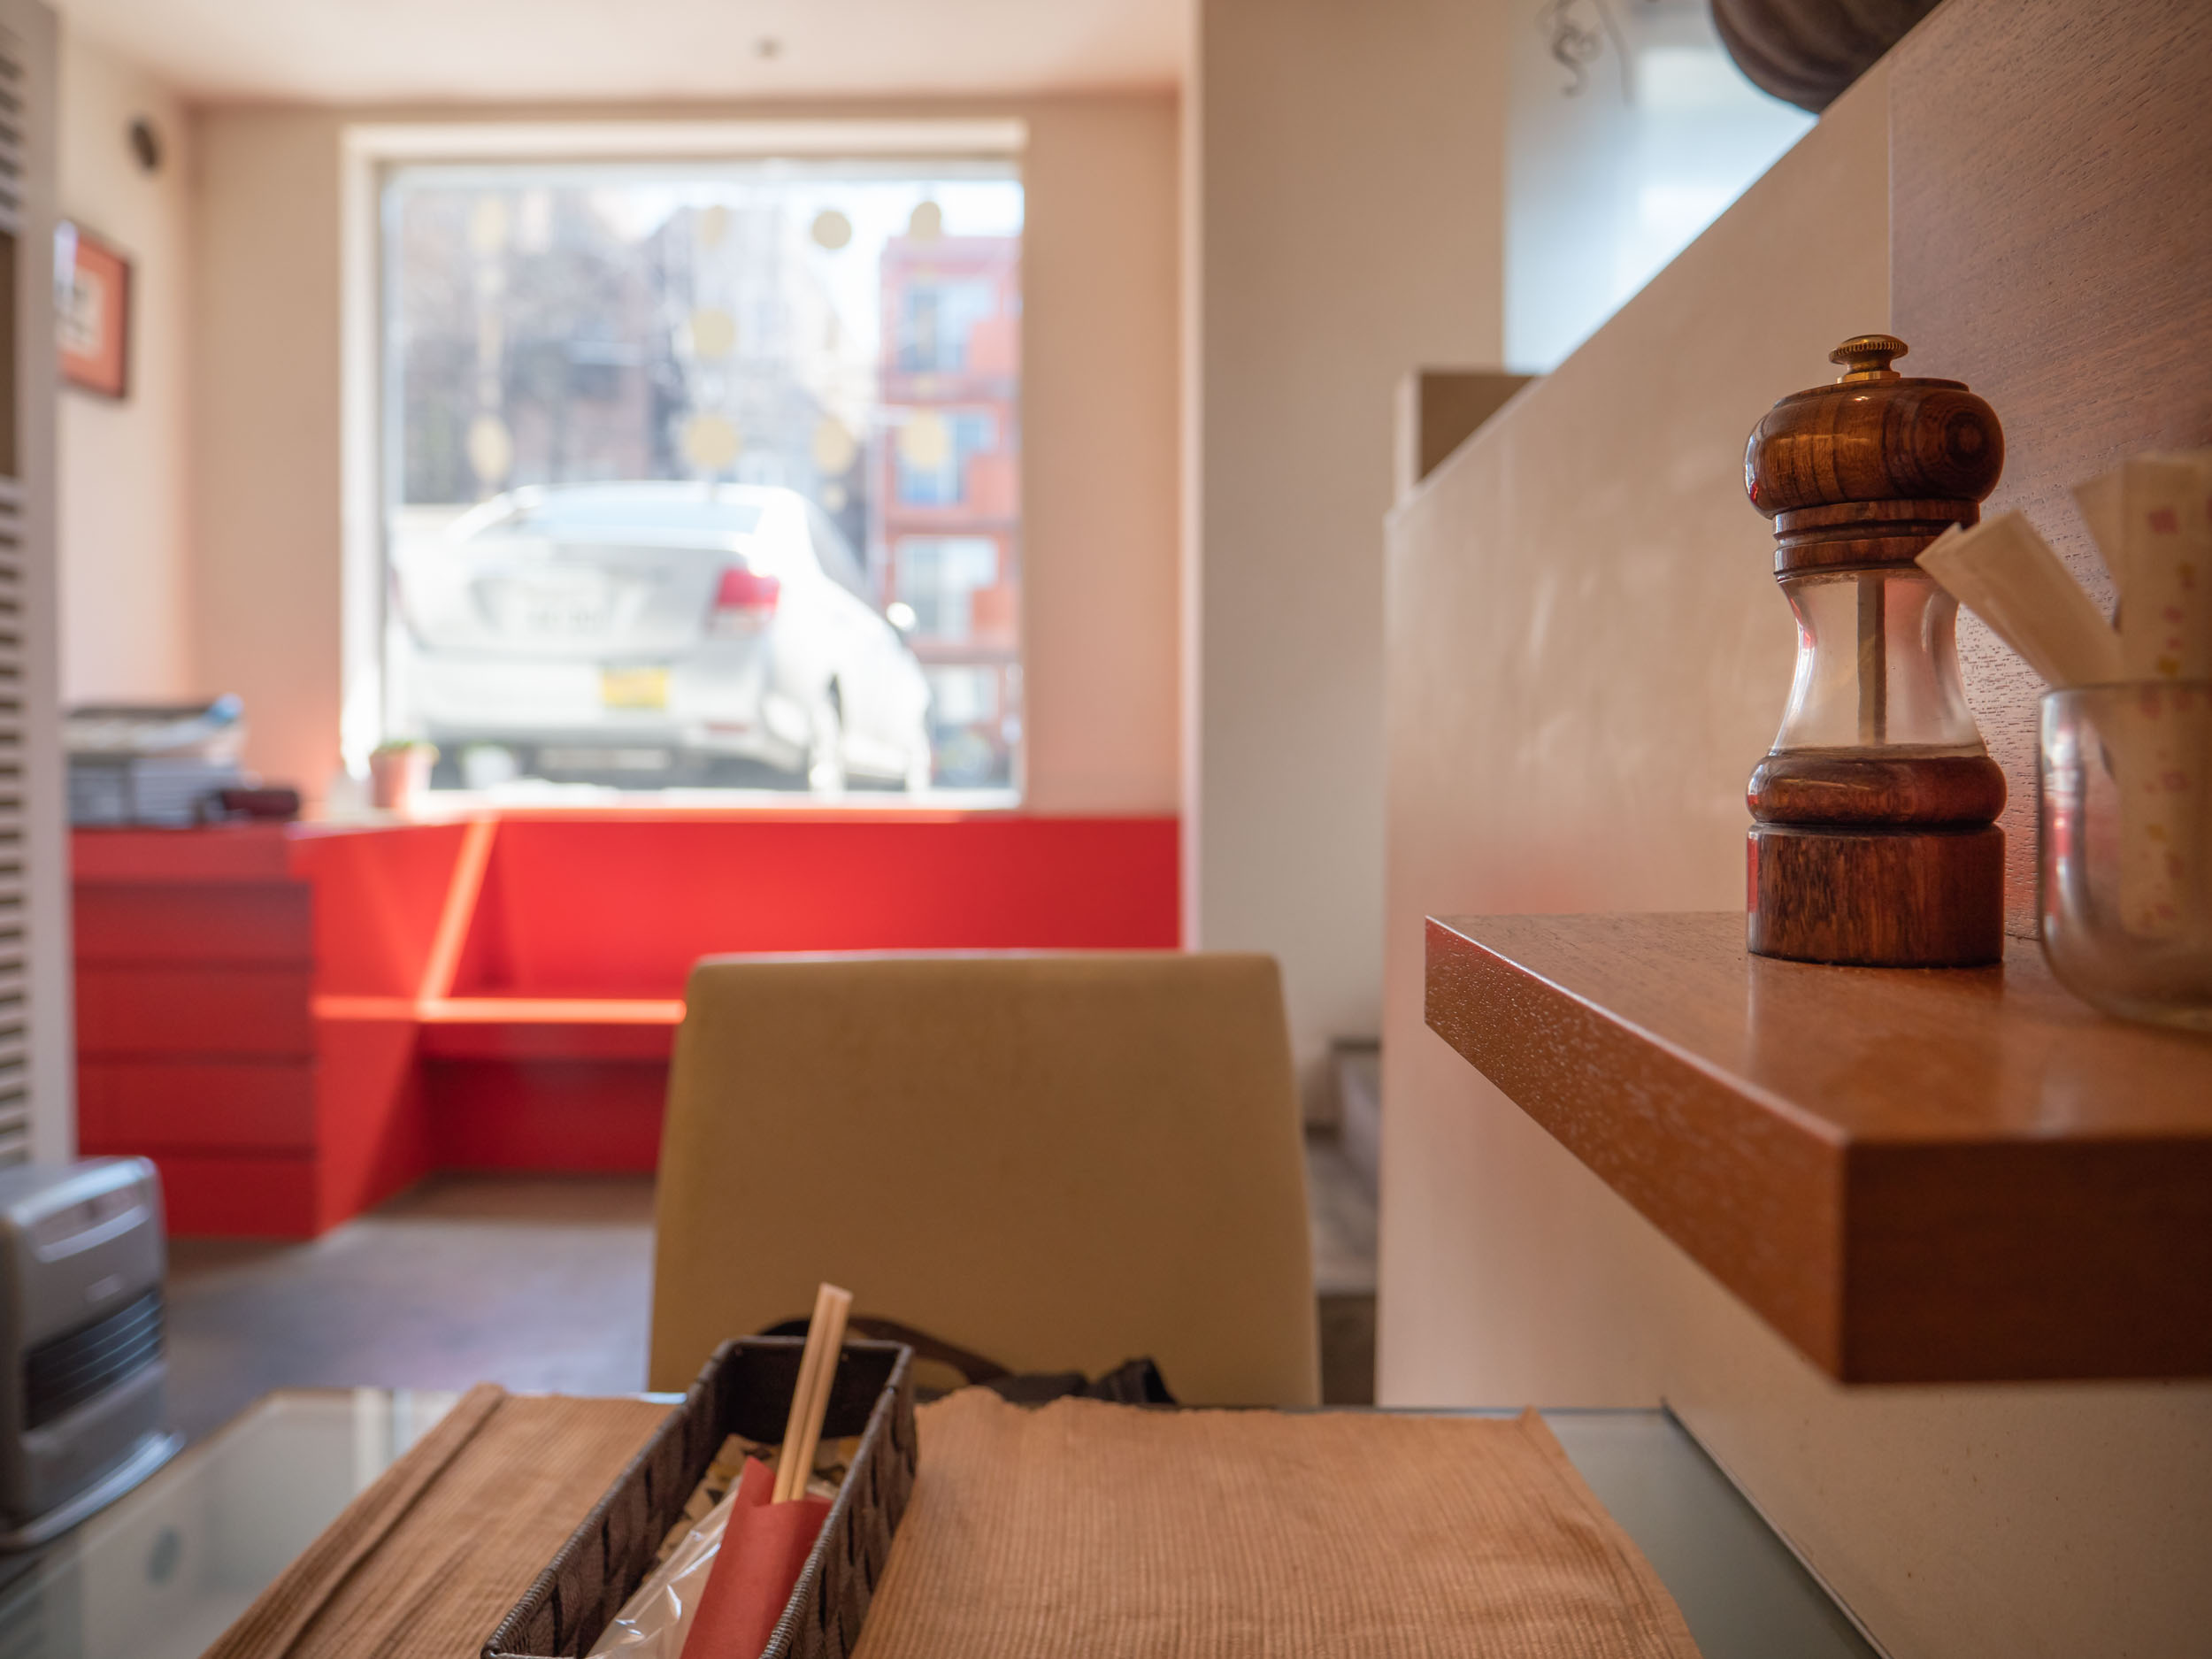 胡椒と爪楊枝などがチョコンと置いてある客席の脇の小さな棚 DMC-GX8 + LEICA DG 12-60mm